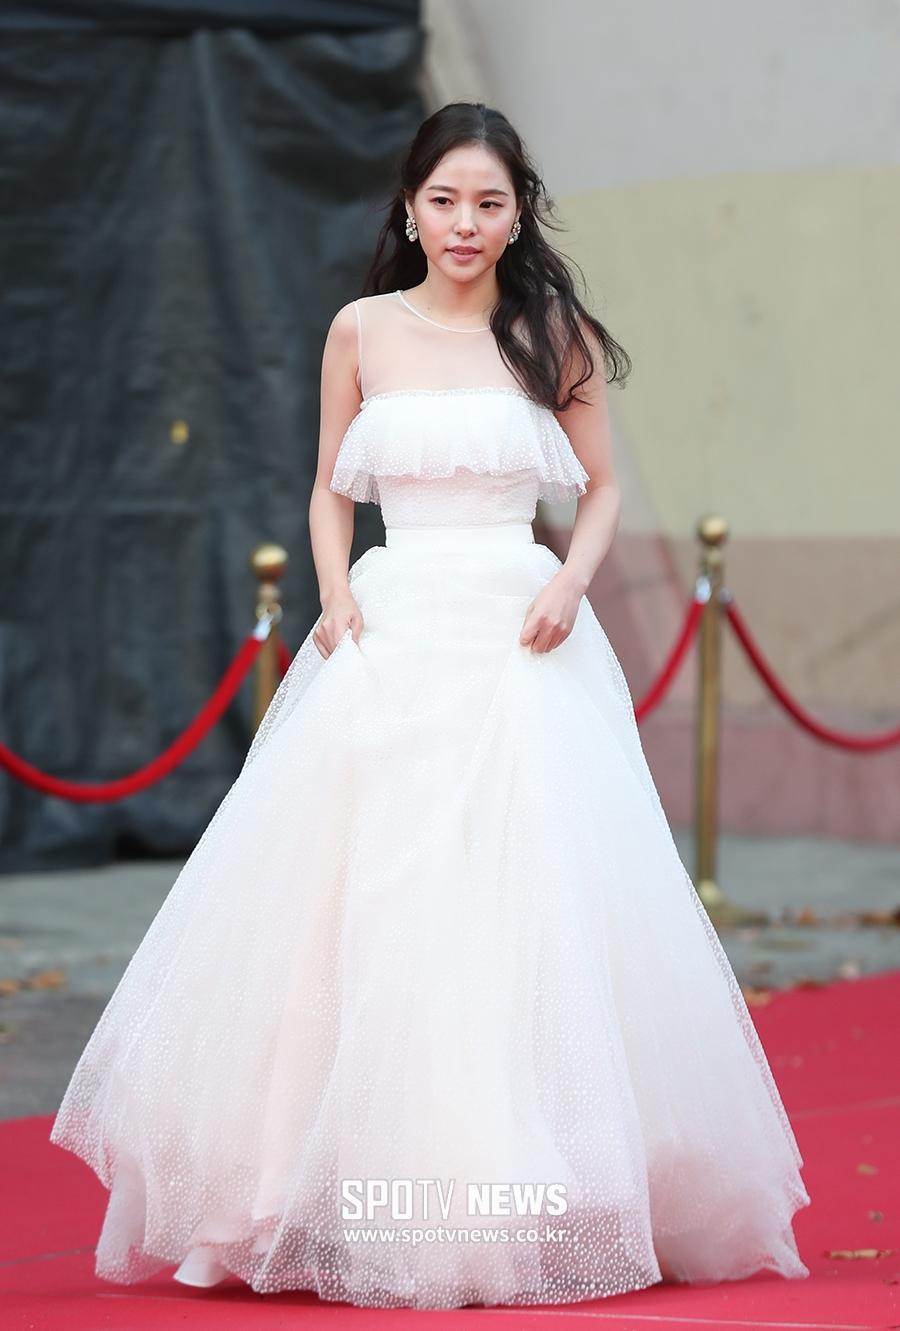 Nhan sắc hấp dẫn và gu thời trang sành điệu của Min Hyo Rin - vợ sắp cưới Big Bang Taeyang-13